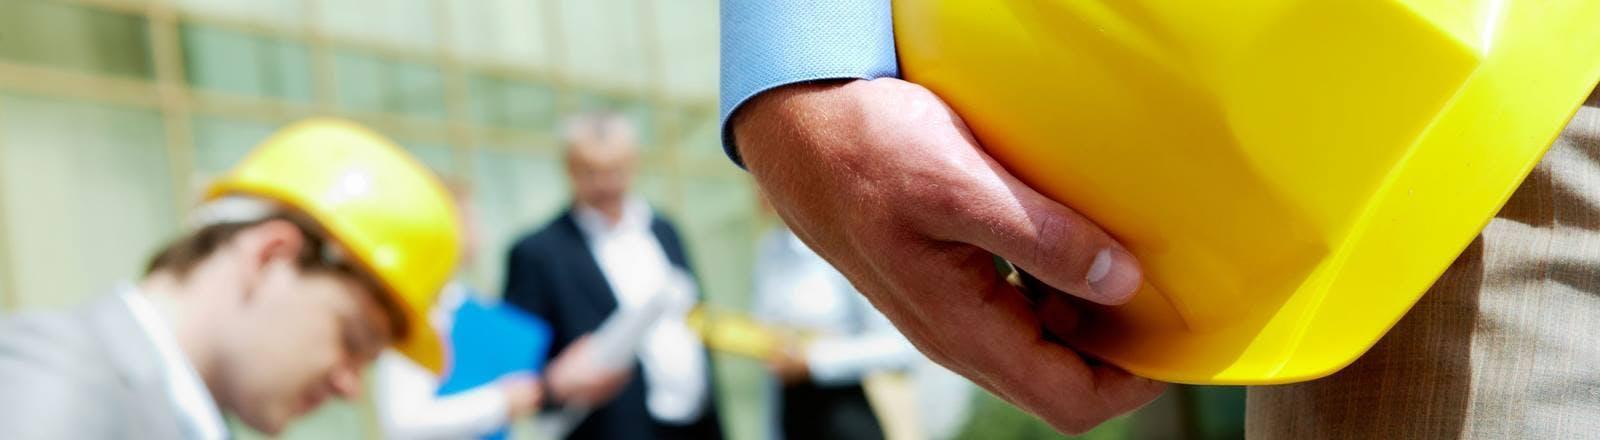 La nuova ISO 45001: gestire la sicurezza in modo efficiente